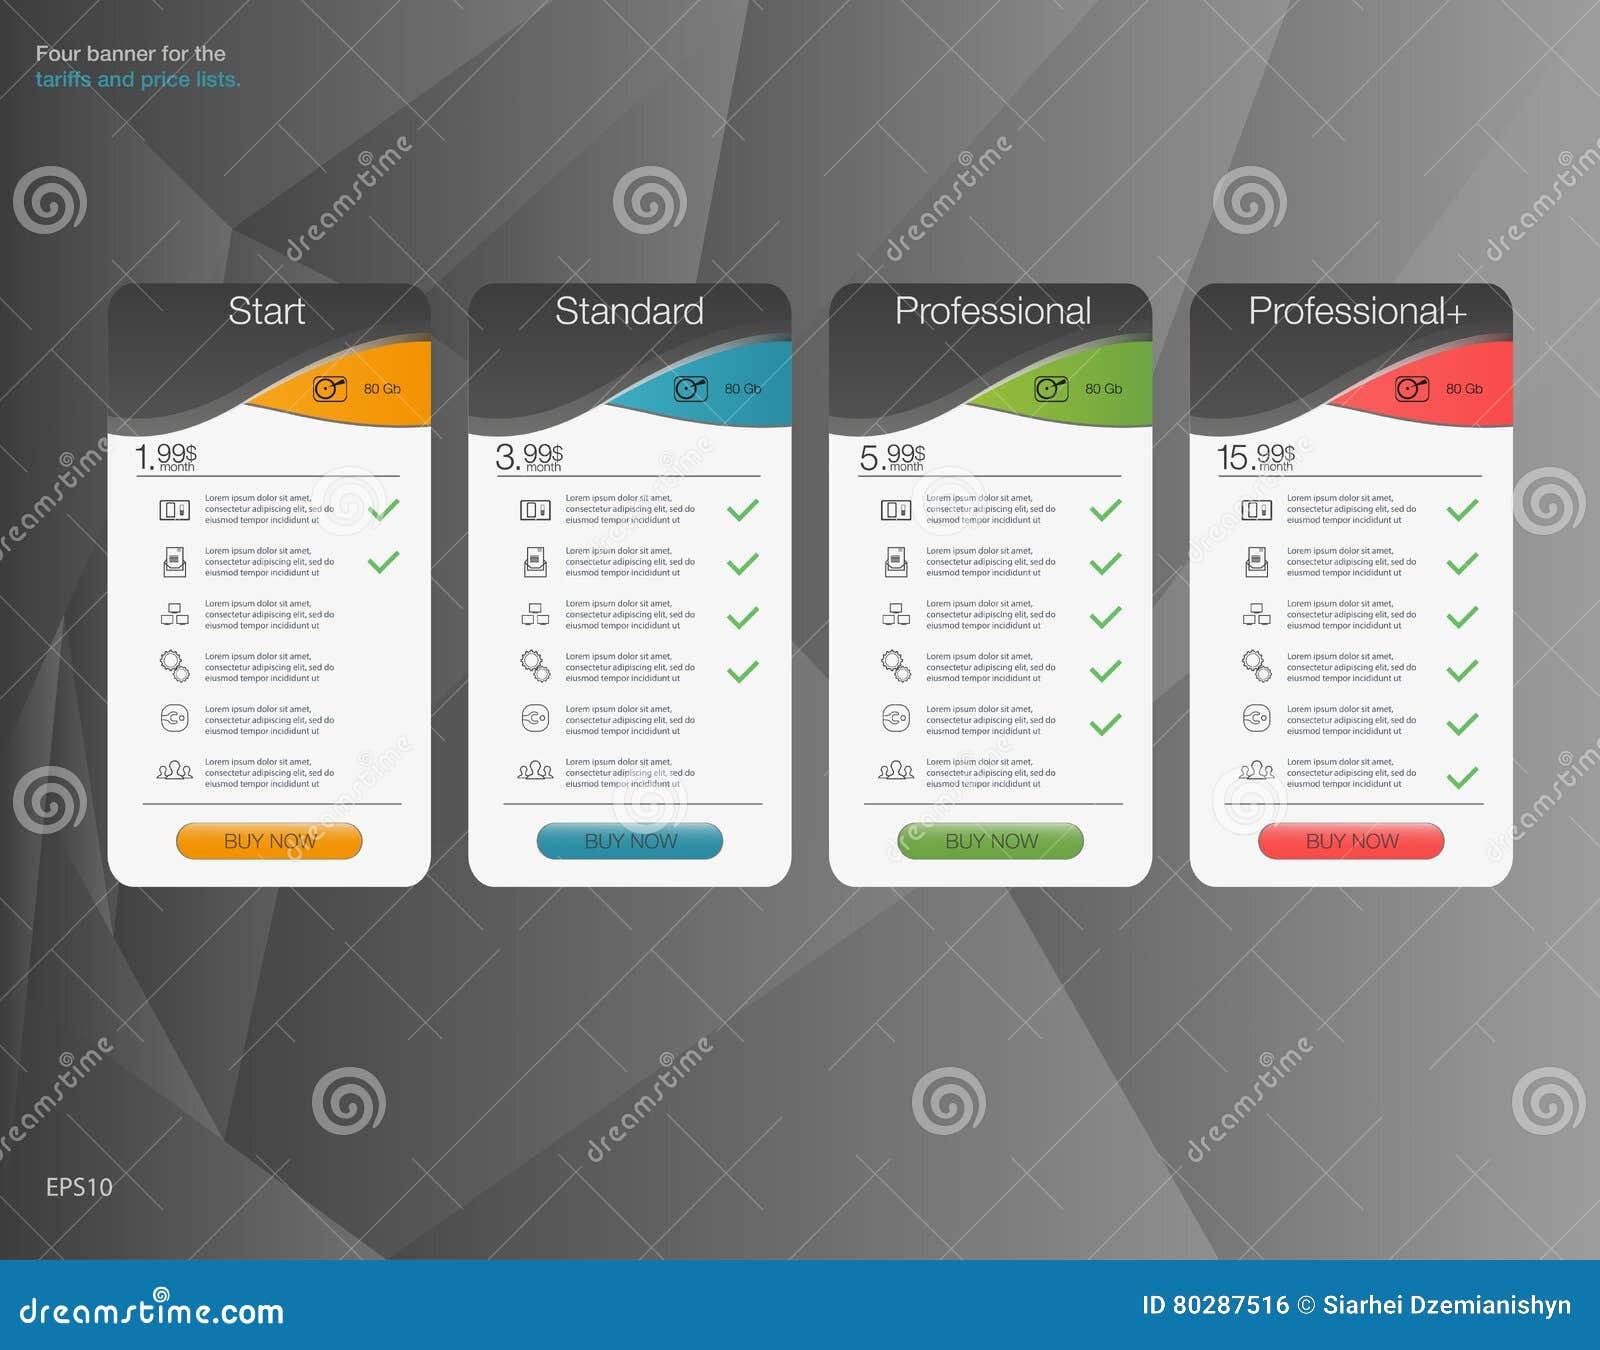 Έμβλημα τέσσερα τα δασμολόγια και οι τιμοκατάλογοι abstrat Ιστός απεικόνισης στοιχείων Φιλοξενία σχεδίων Διανυσματικό σχέδιο για